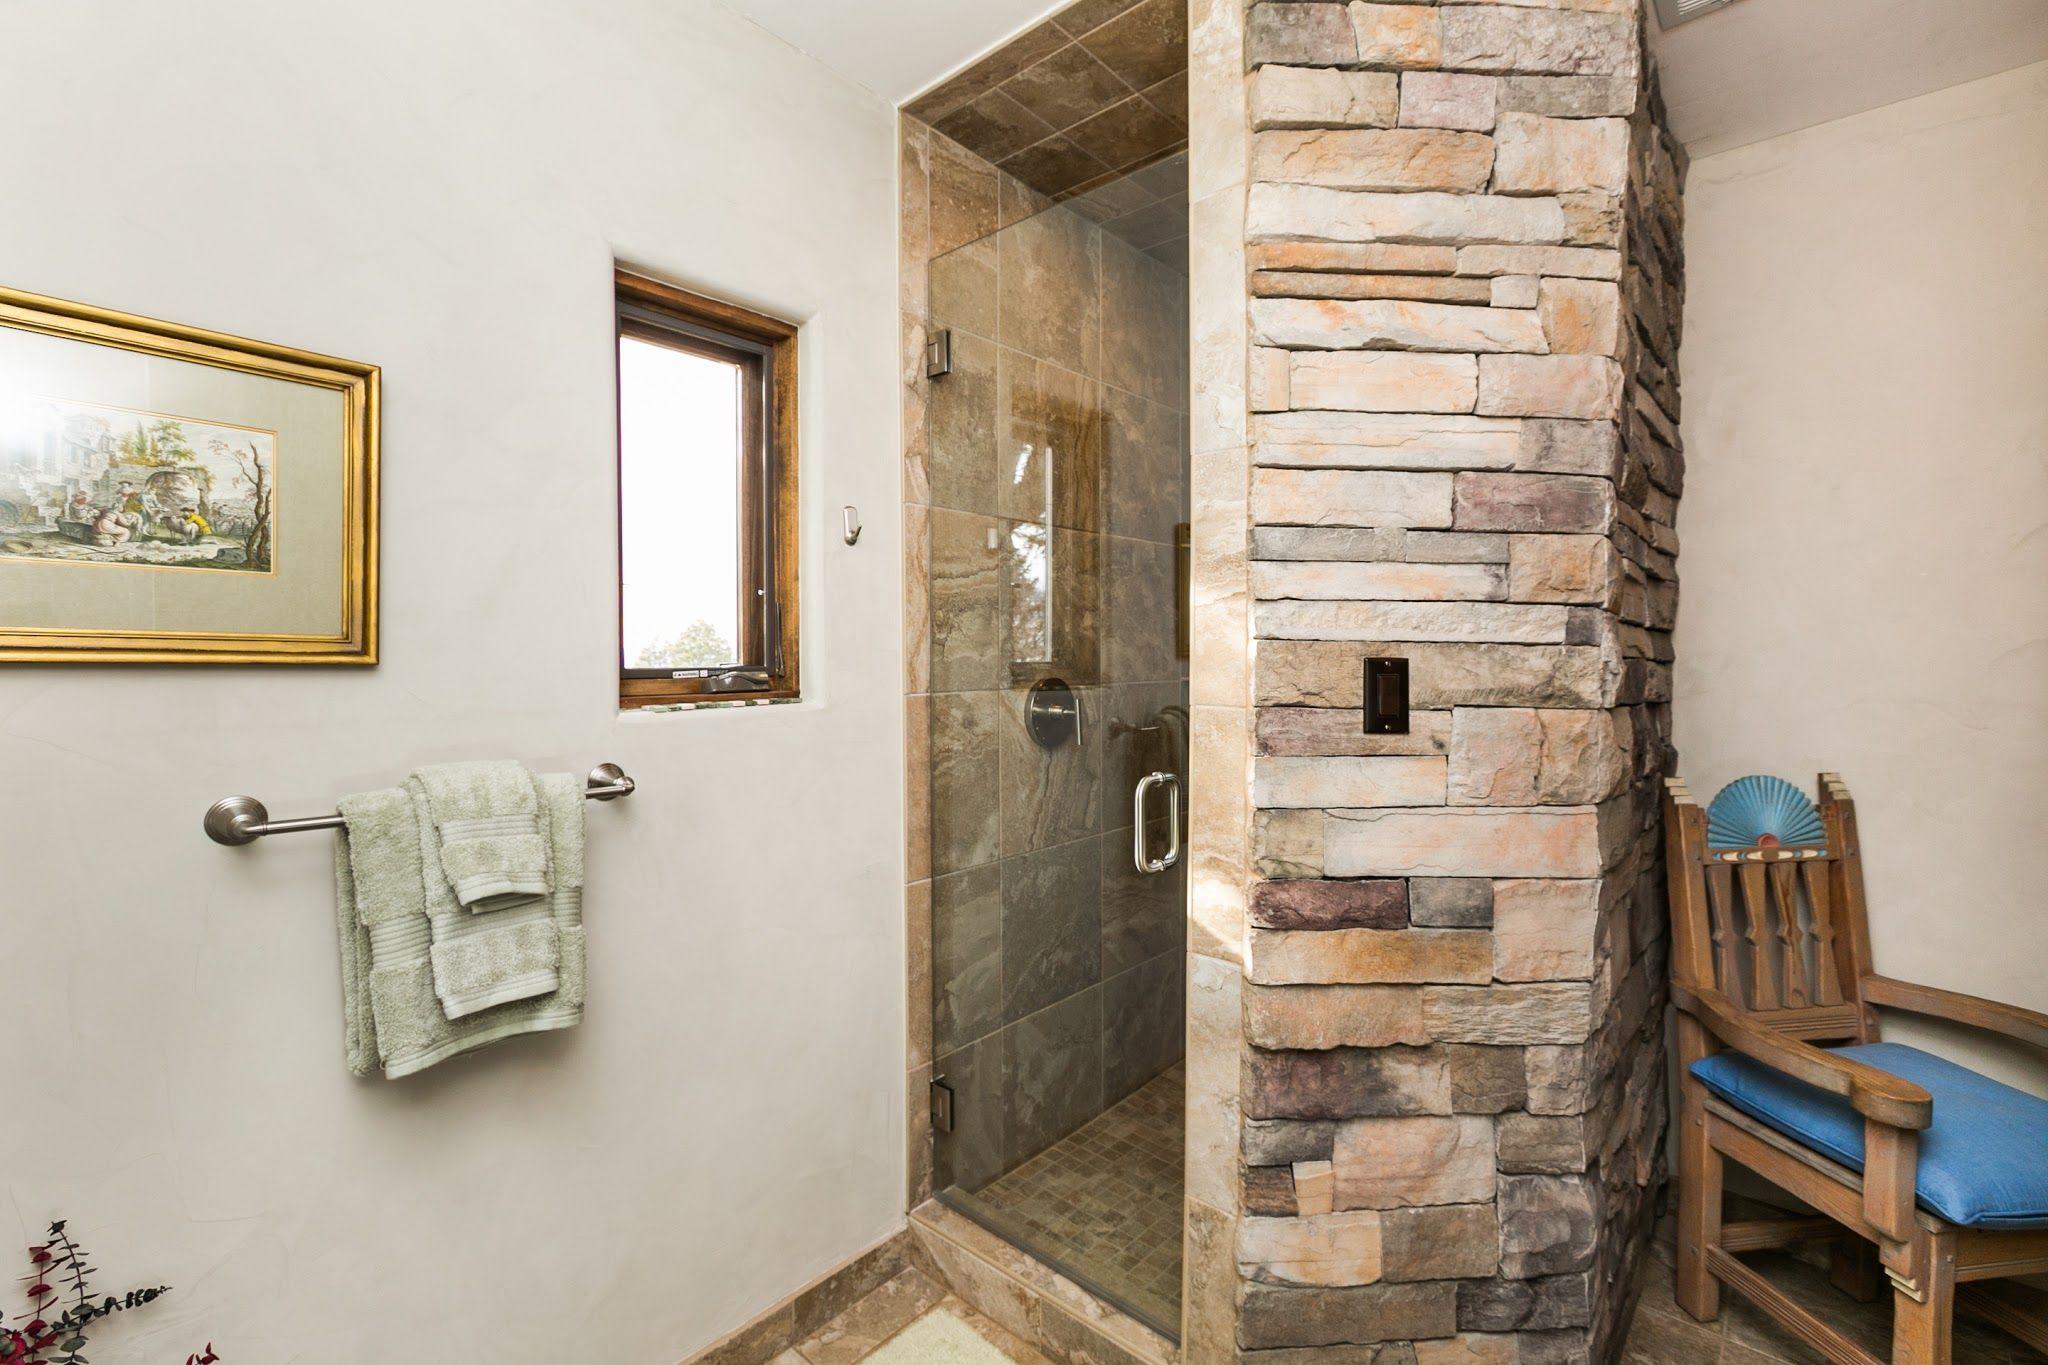 Bathroom Remodel Albuquerque | Home Inspiration